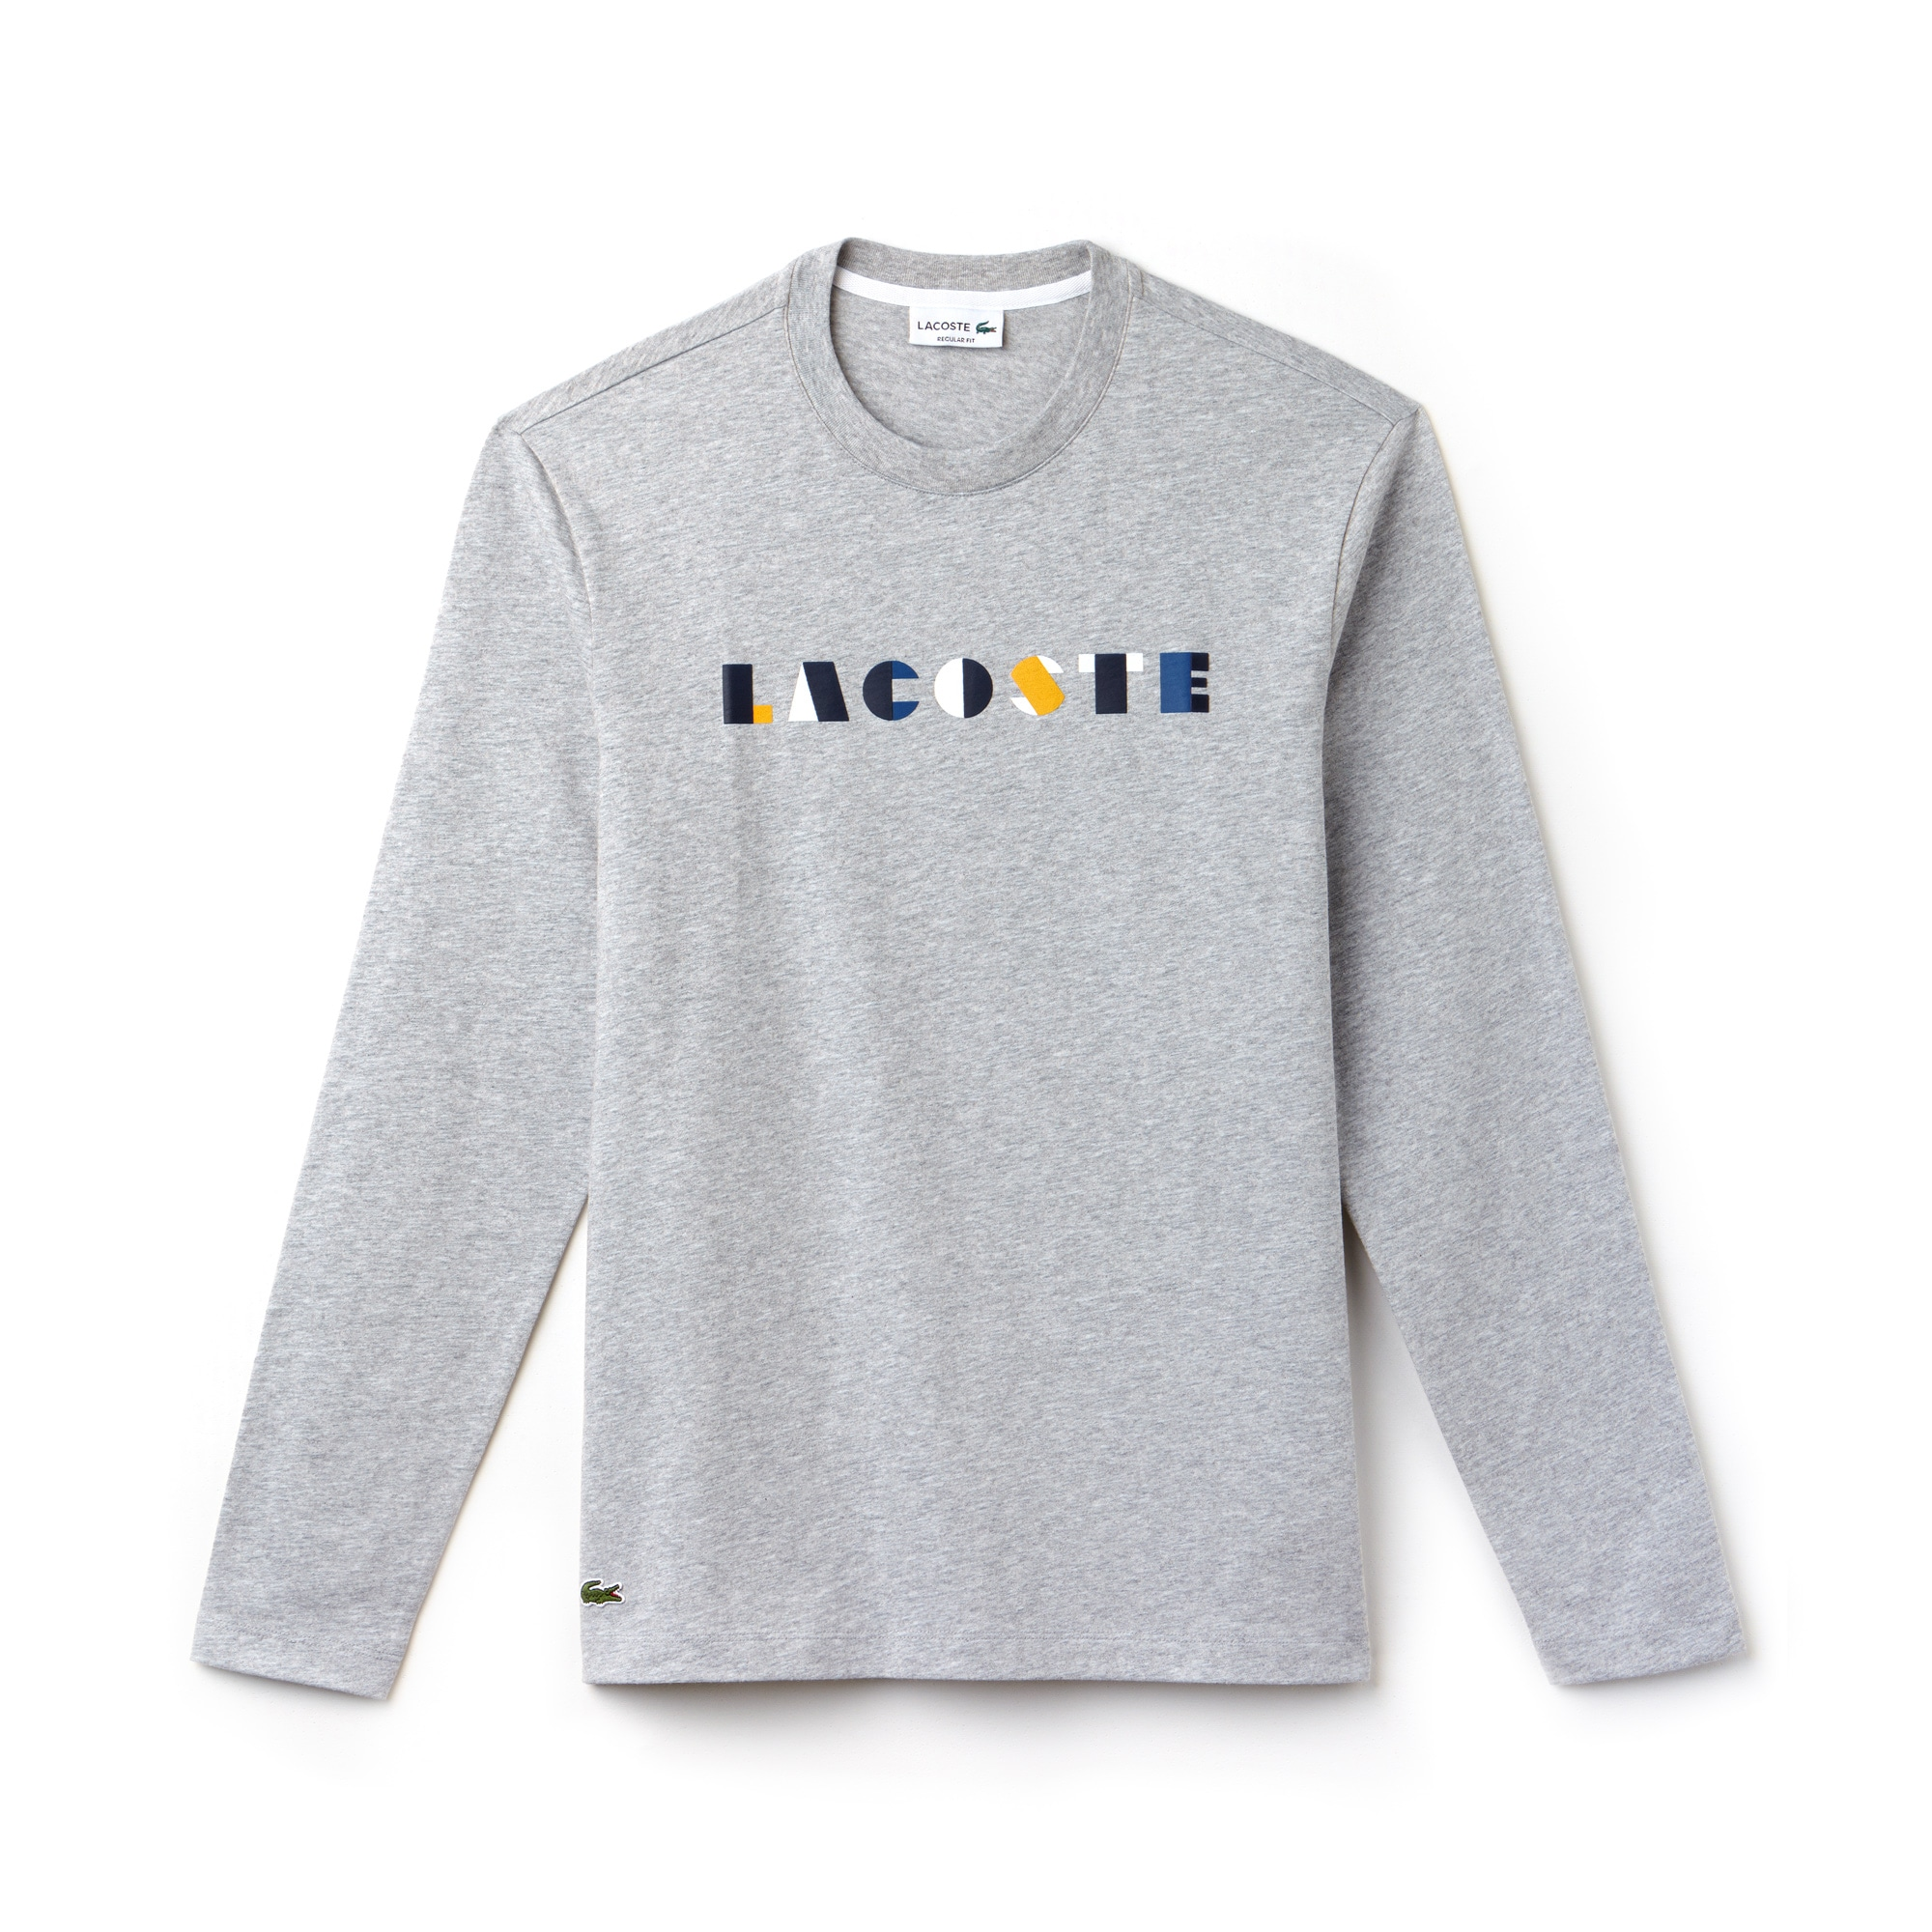 라코스테 Lacoste Mens Crew Neck Lettering Cotton Jersey T-shirt,Grey